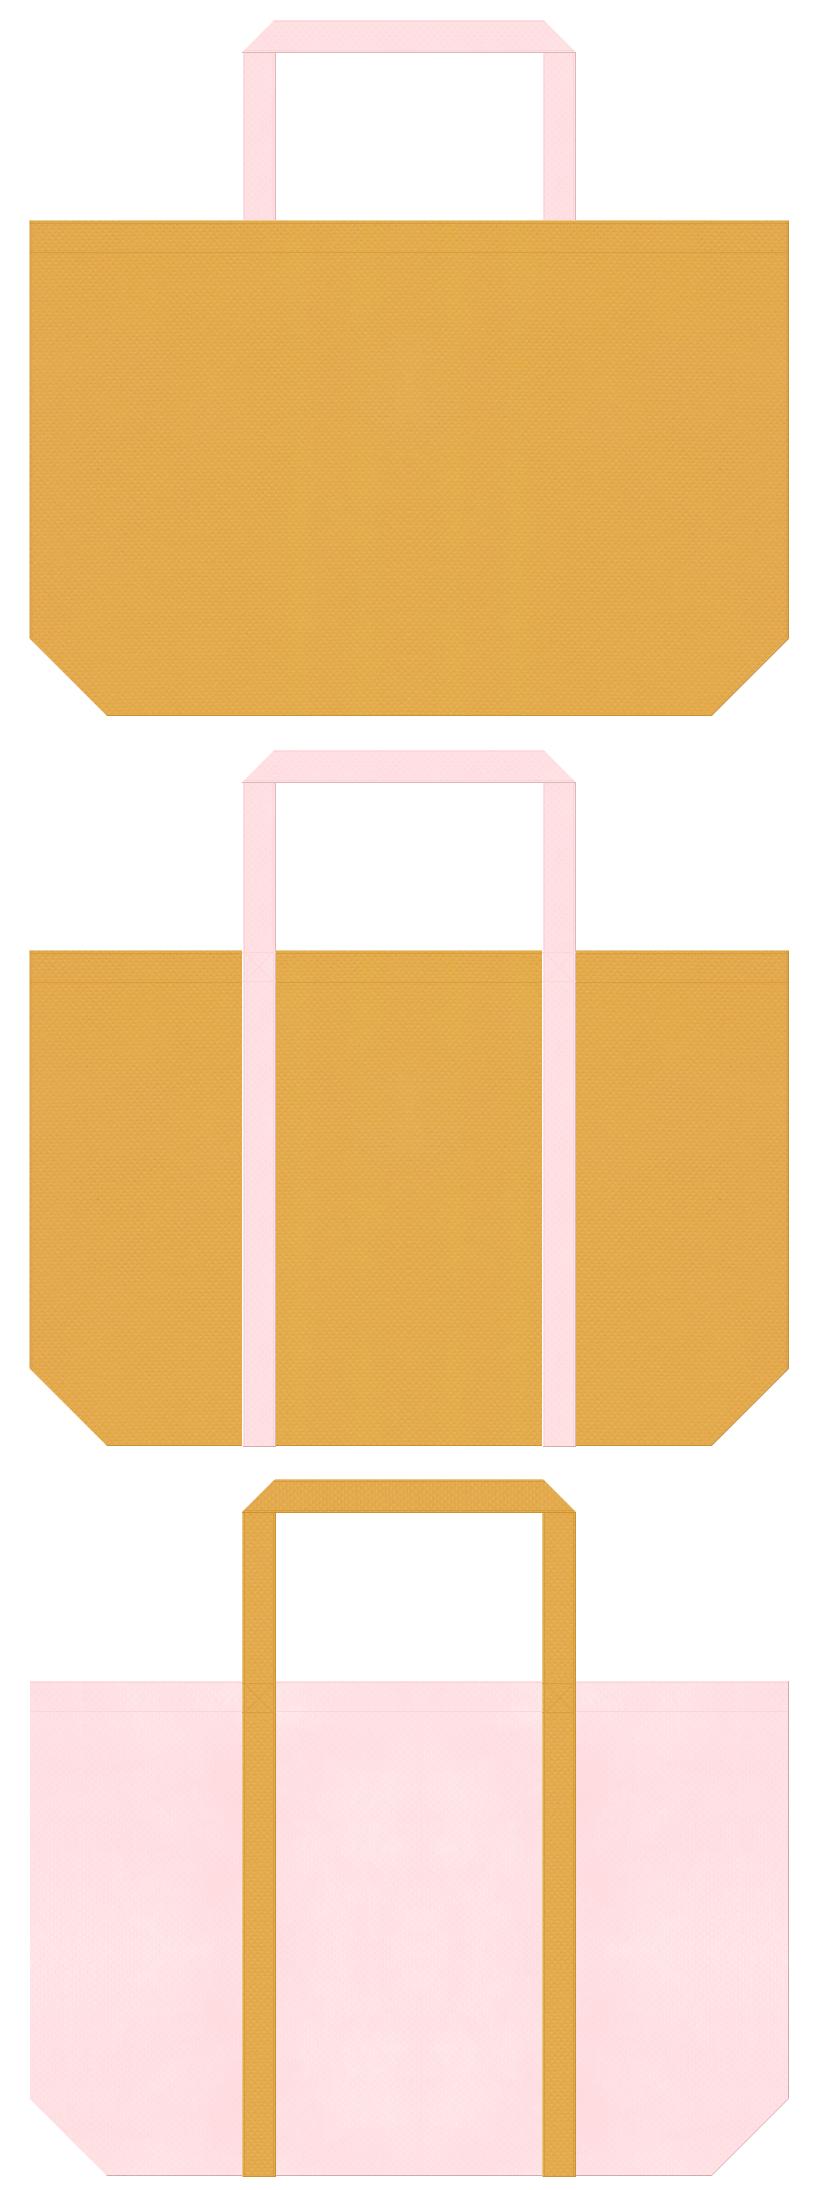 黄土色と桜色の不織布ショッピングバッグデザイン。ガーリーなイメージにお奨めの配色です。